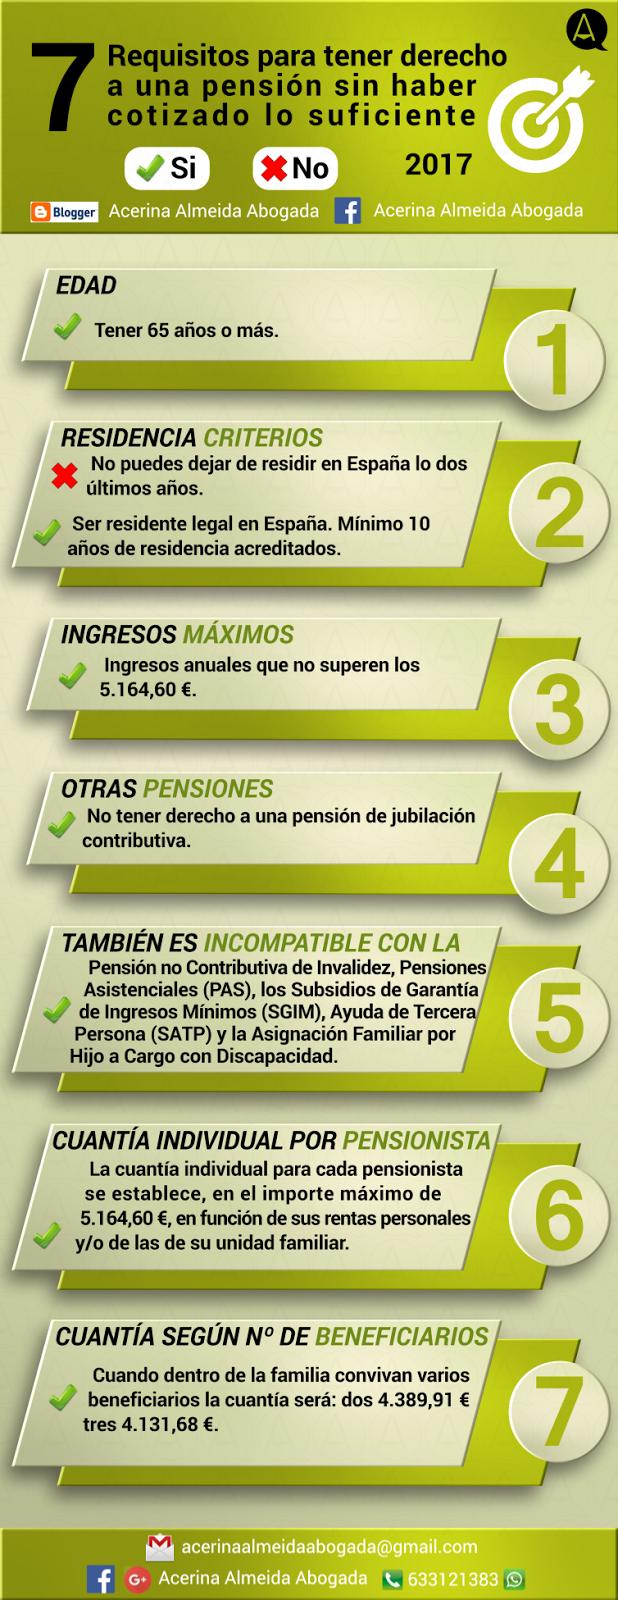 Infografía con los requisitos para tener derecho a una pensión no contributiva.